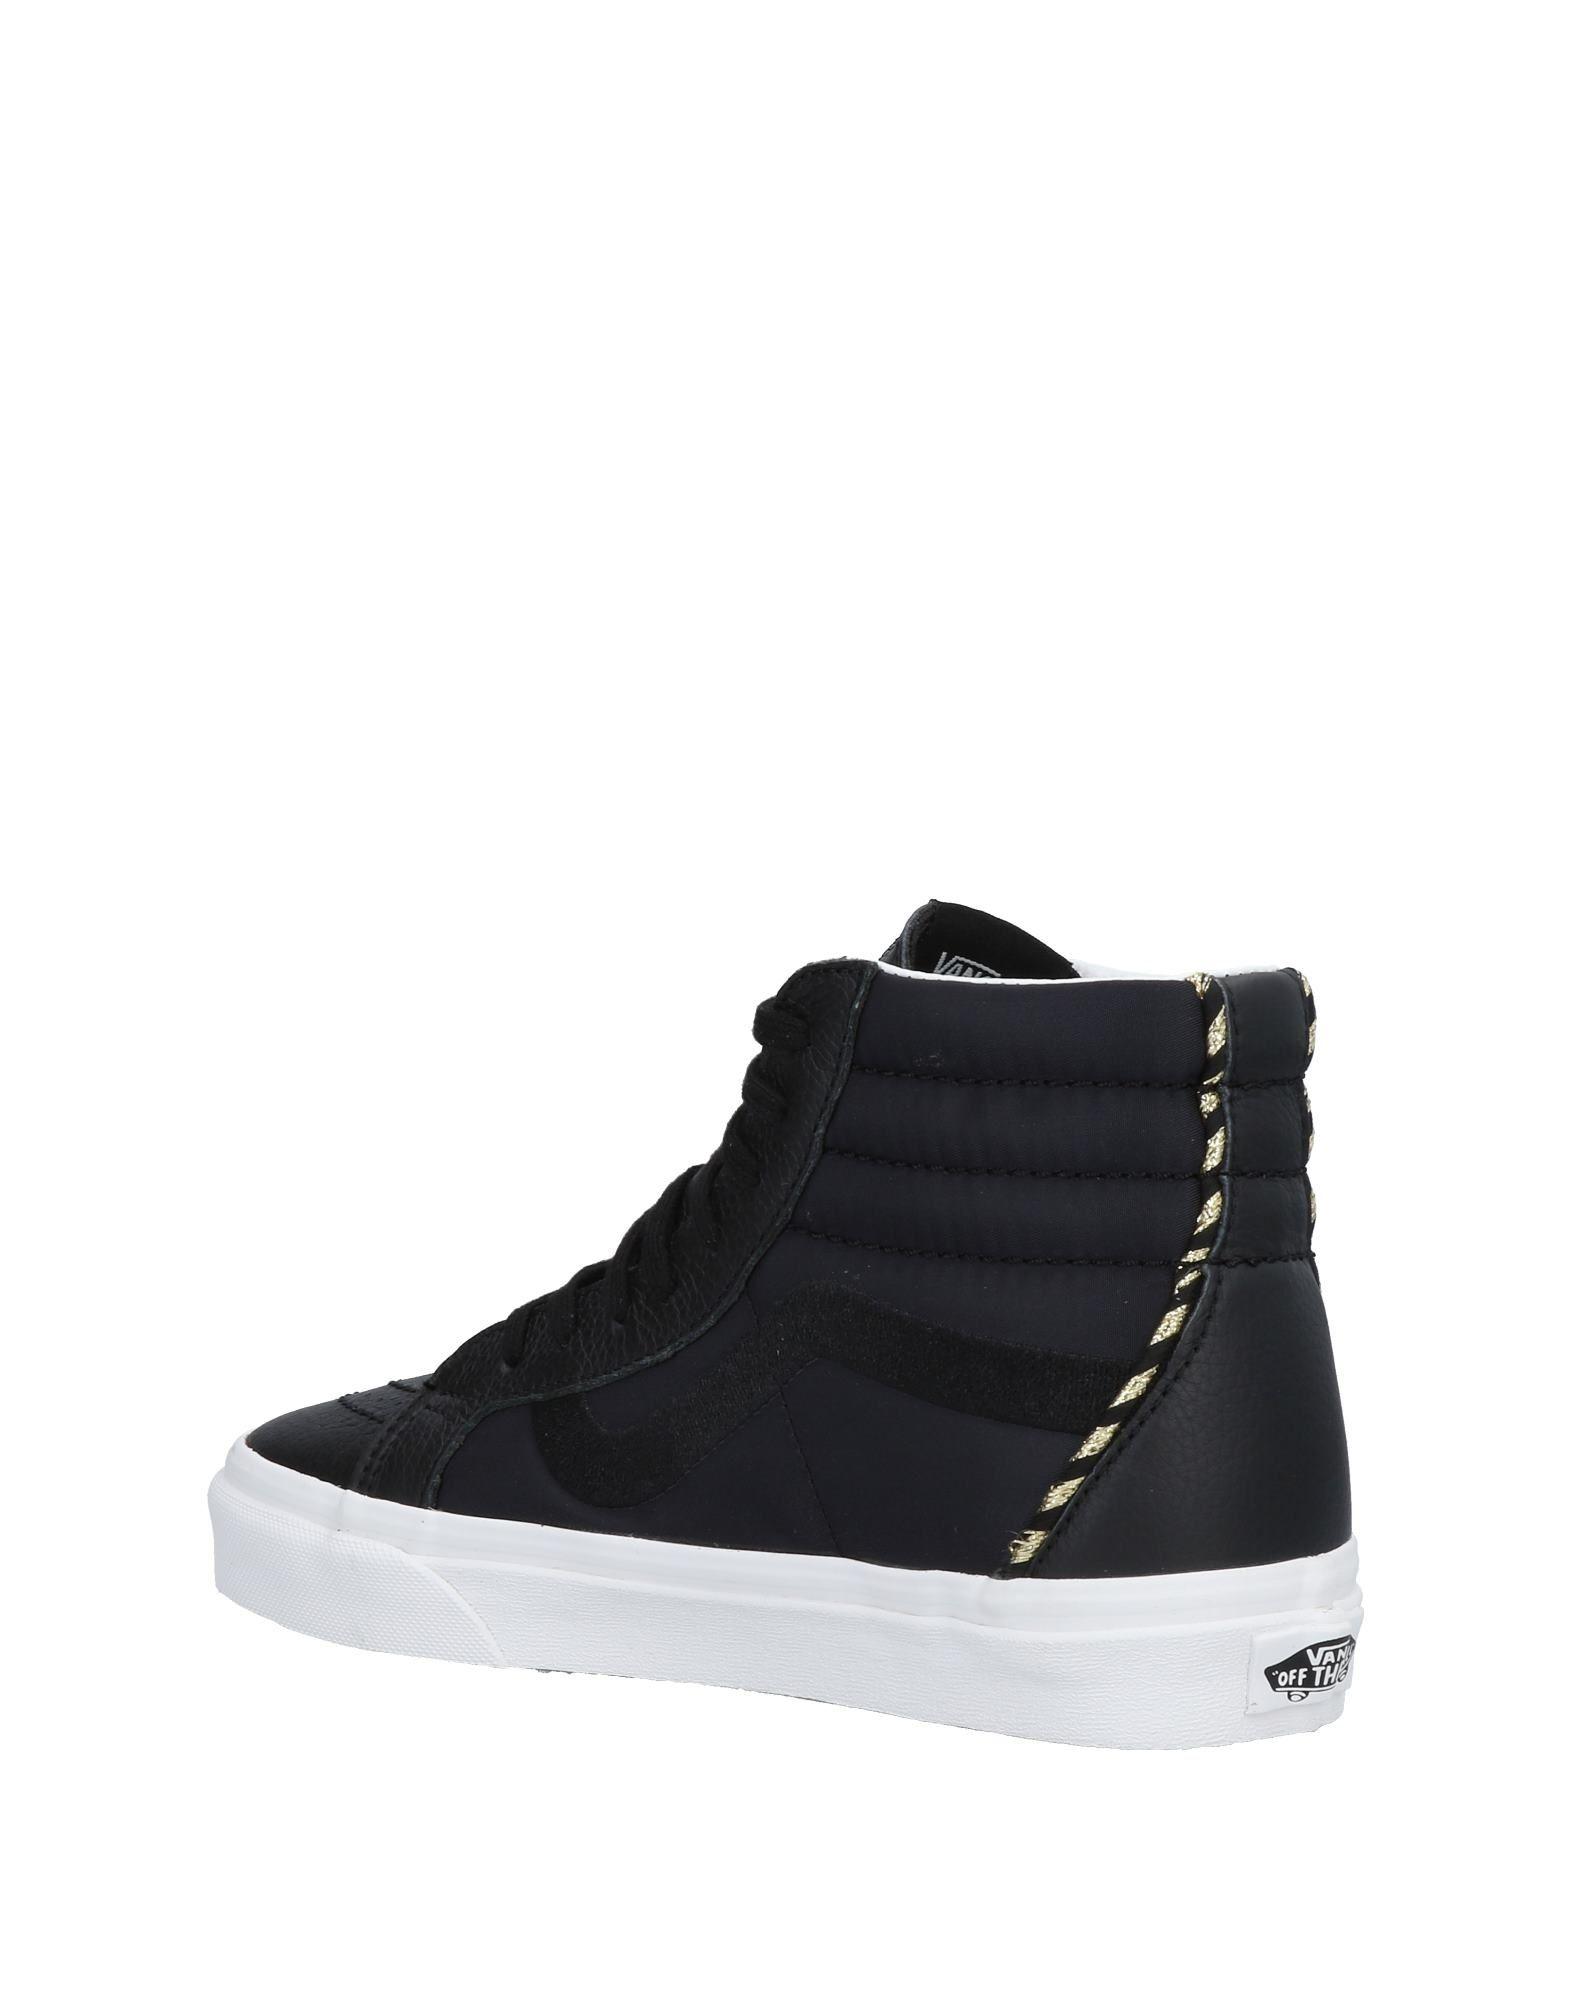 Vans Sneakers Gute Damen  11492345QE Gute Sneakers Qualität beliebte Schuhe 6387e9